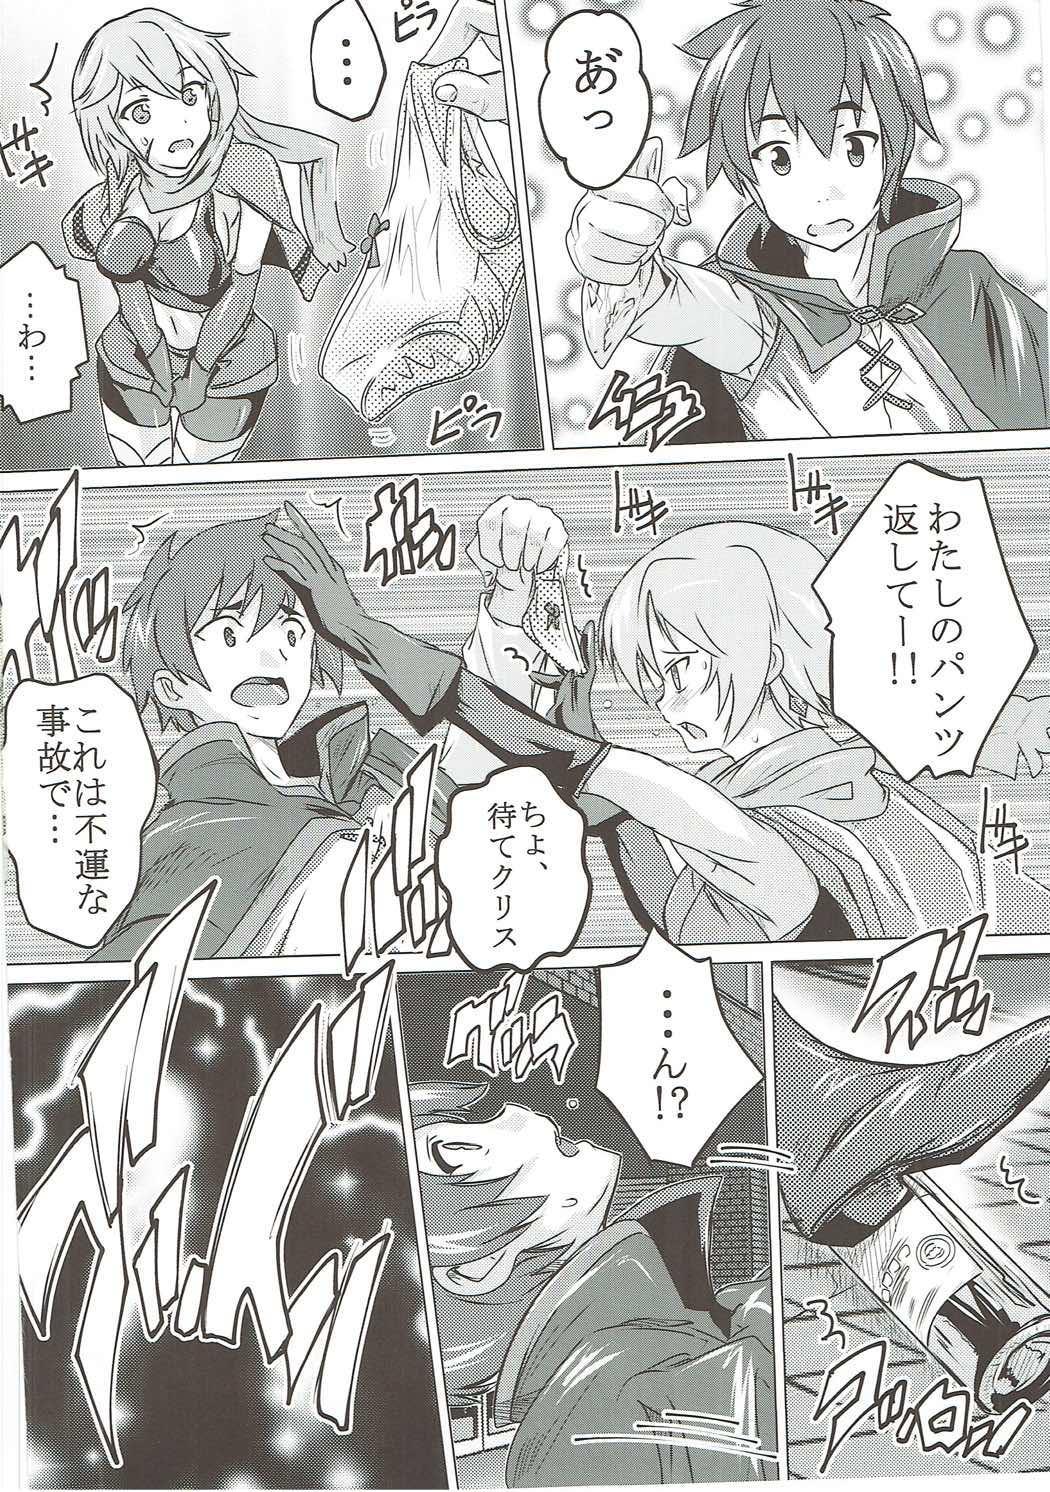 Kono Subarashii Megami to Syukufuku o! 2